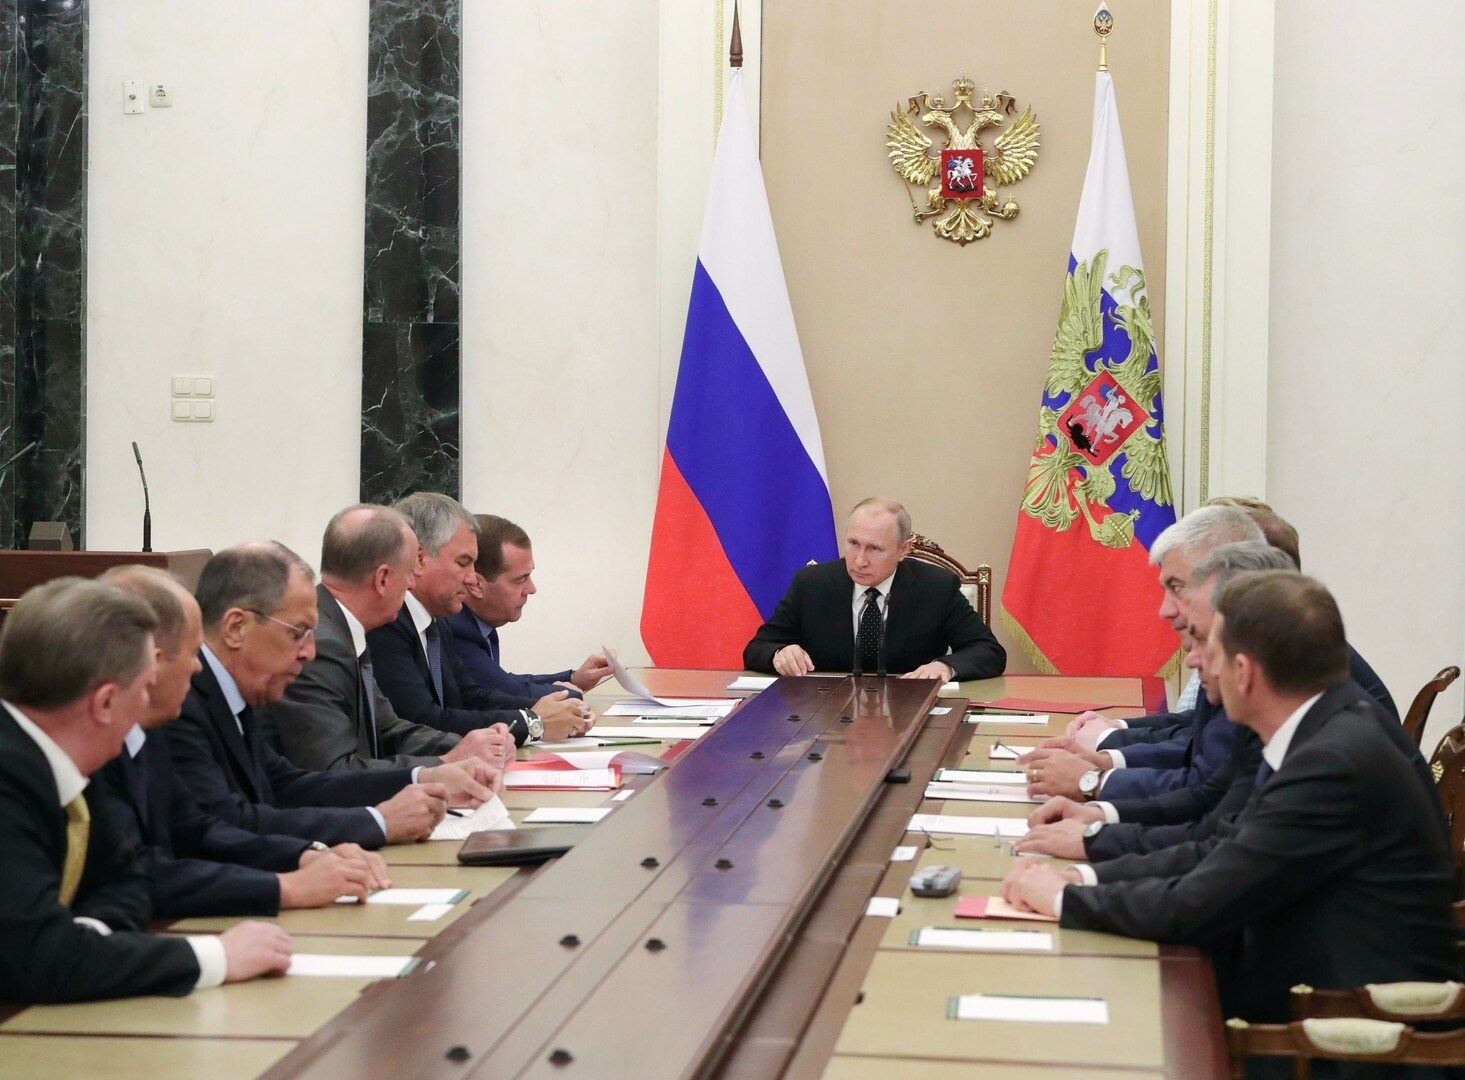 مجلس الأمن الروسي: واشنطن لن تتردد في خنق أوروبا من أجل مصالحها